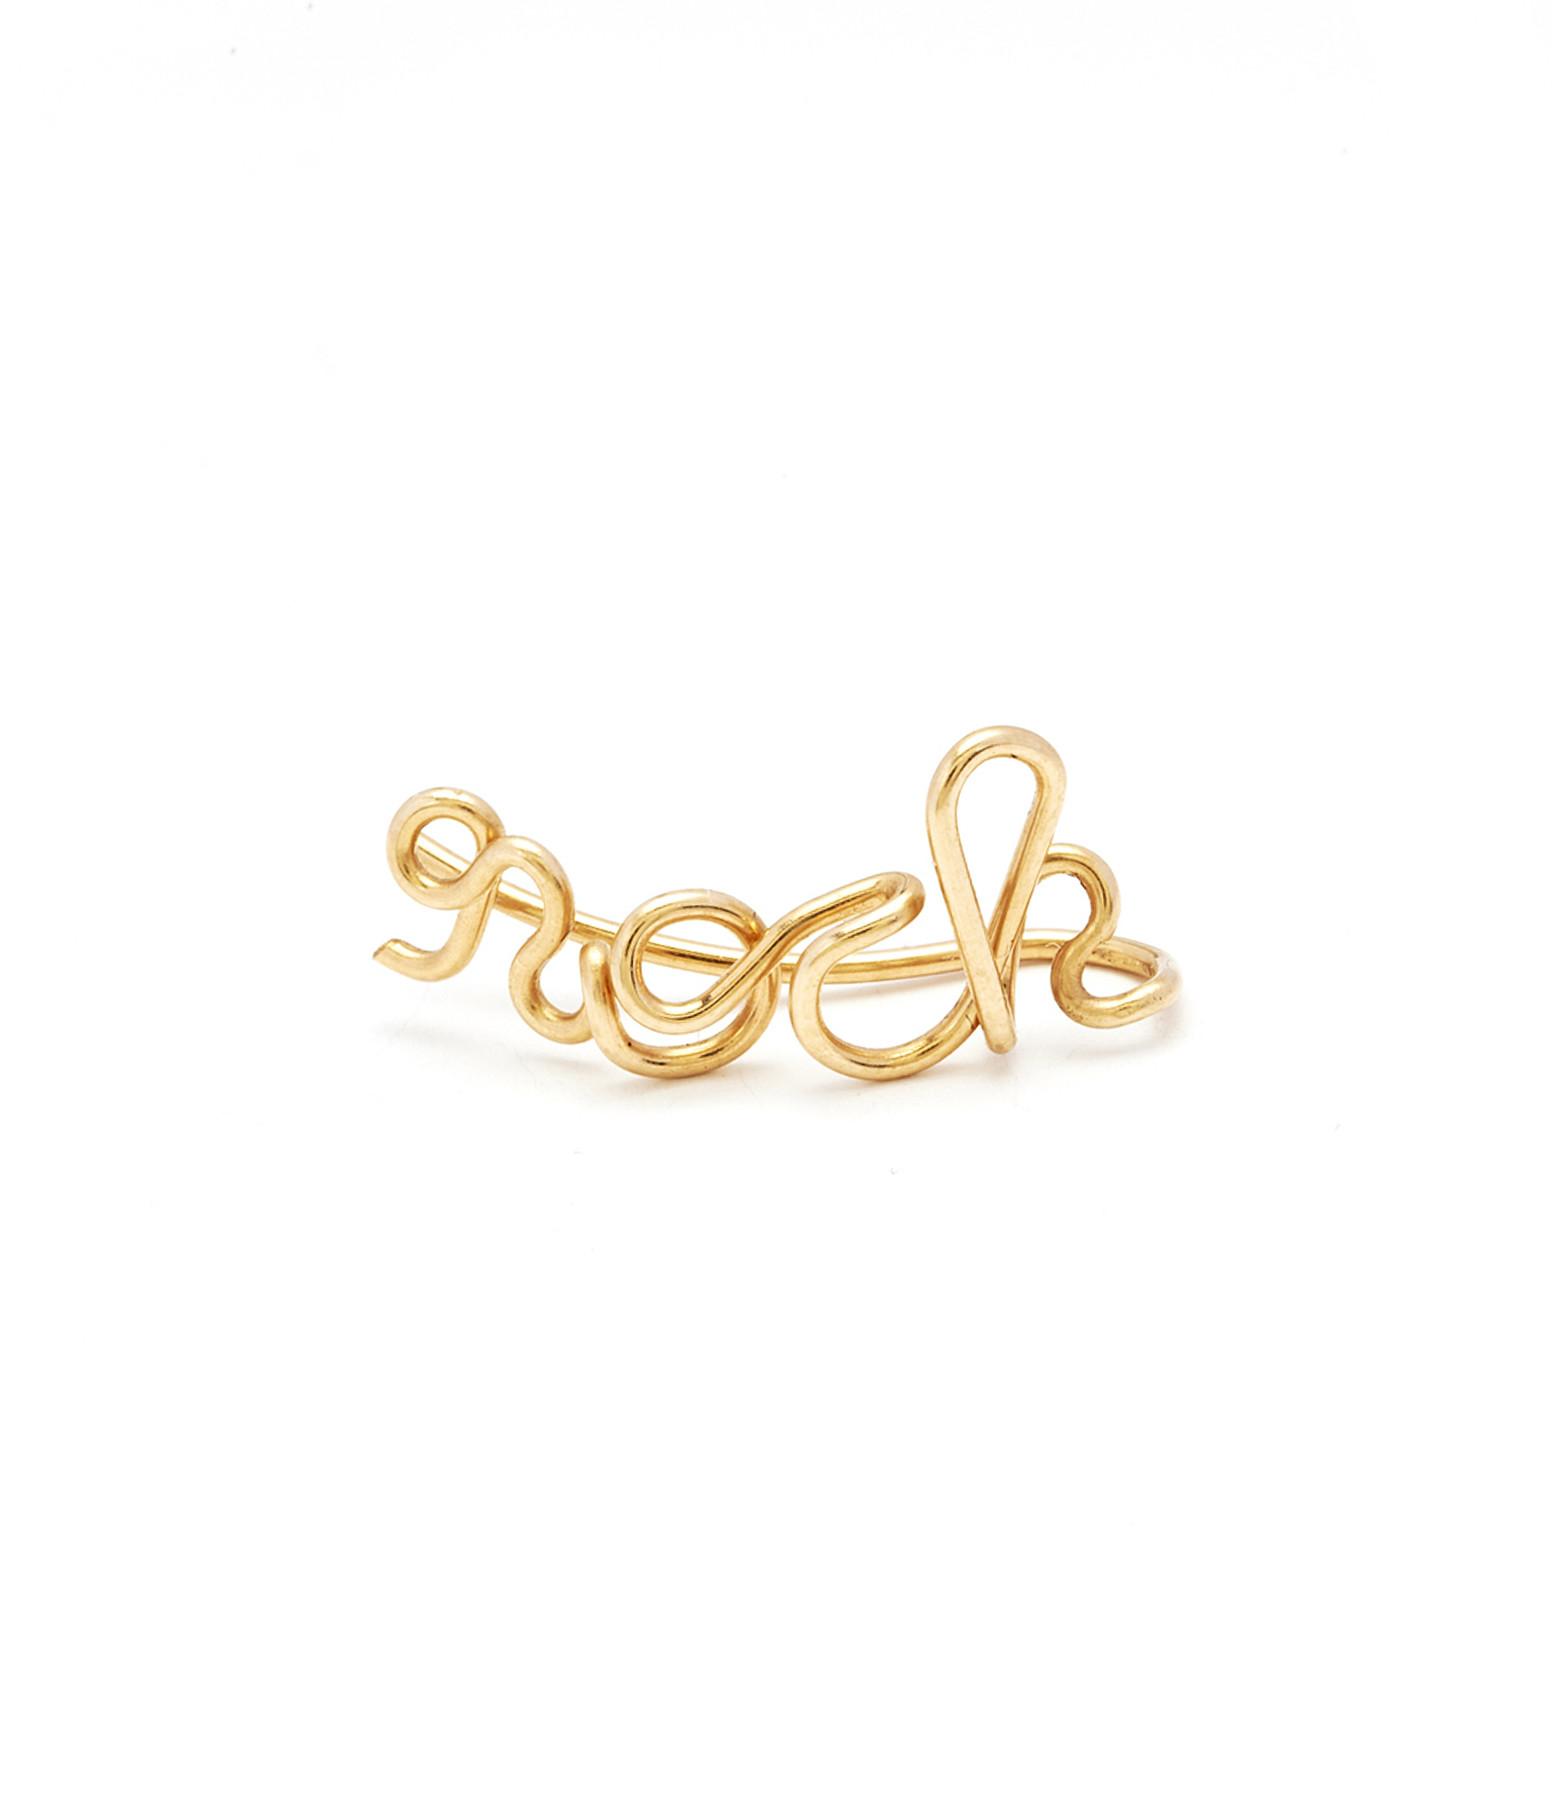 ATELIER PAULIN - Boucle d'oreille Rock Gold Filled (vendue à l'unité)